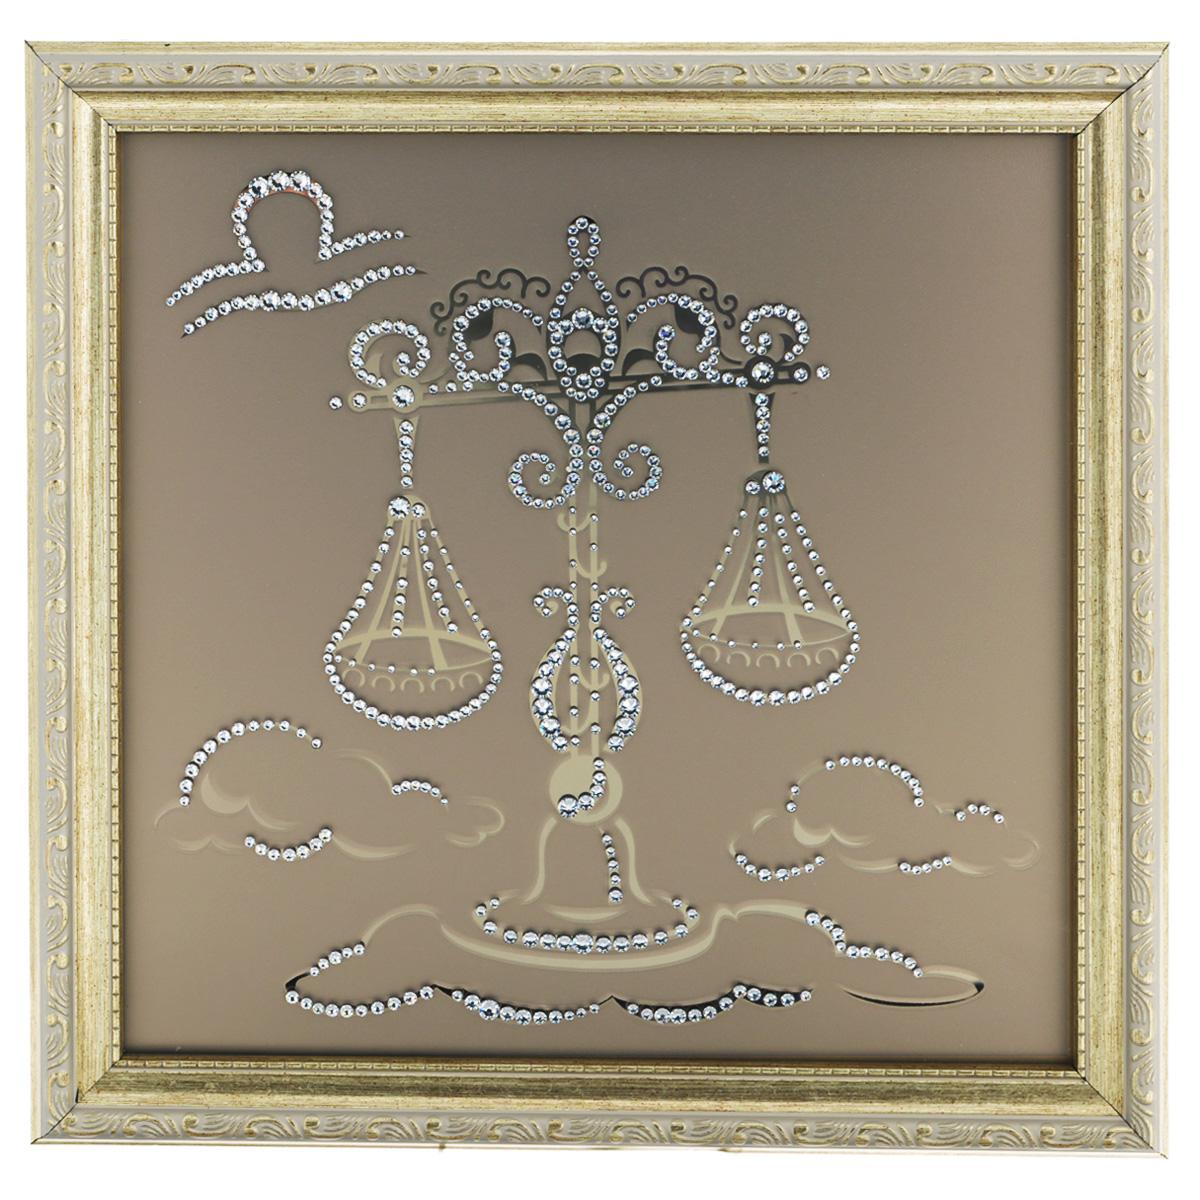 Картина с кристаллами Swarovski Знак зодиака. Весы, 35 х 35 см1129Изящная картина в багетной раме, инкрустирована кристаллами Swarovski в виде знака зодиака - Весы на матовом стекле золотистого цвета. Кристаллы Swarovski отличаются четкой и ровной огранкой, ярким блеском и чистотой цвета. С обратной стороны имеется металлическая проволока для размещения картины на стене. Картина с кристаллами Swarovski Знак зодиака. Весы элегантно украсит интерьер дома или офиса, а также станет прекрасным подарком, который обязательно понравится получателю. Блеск кристаллов в интерьере, что может быть сказочнее и удивительнее. Картина упакована в подарочную картонную коробку синего цвета и комплектуется сертификатом соответствия Swarovski.